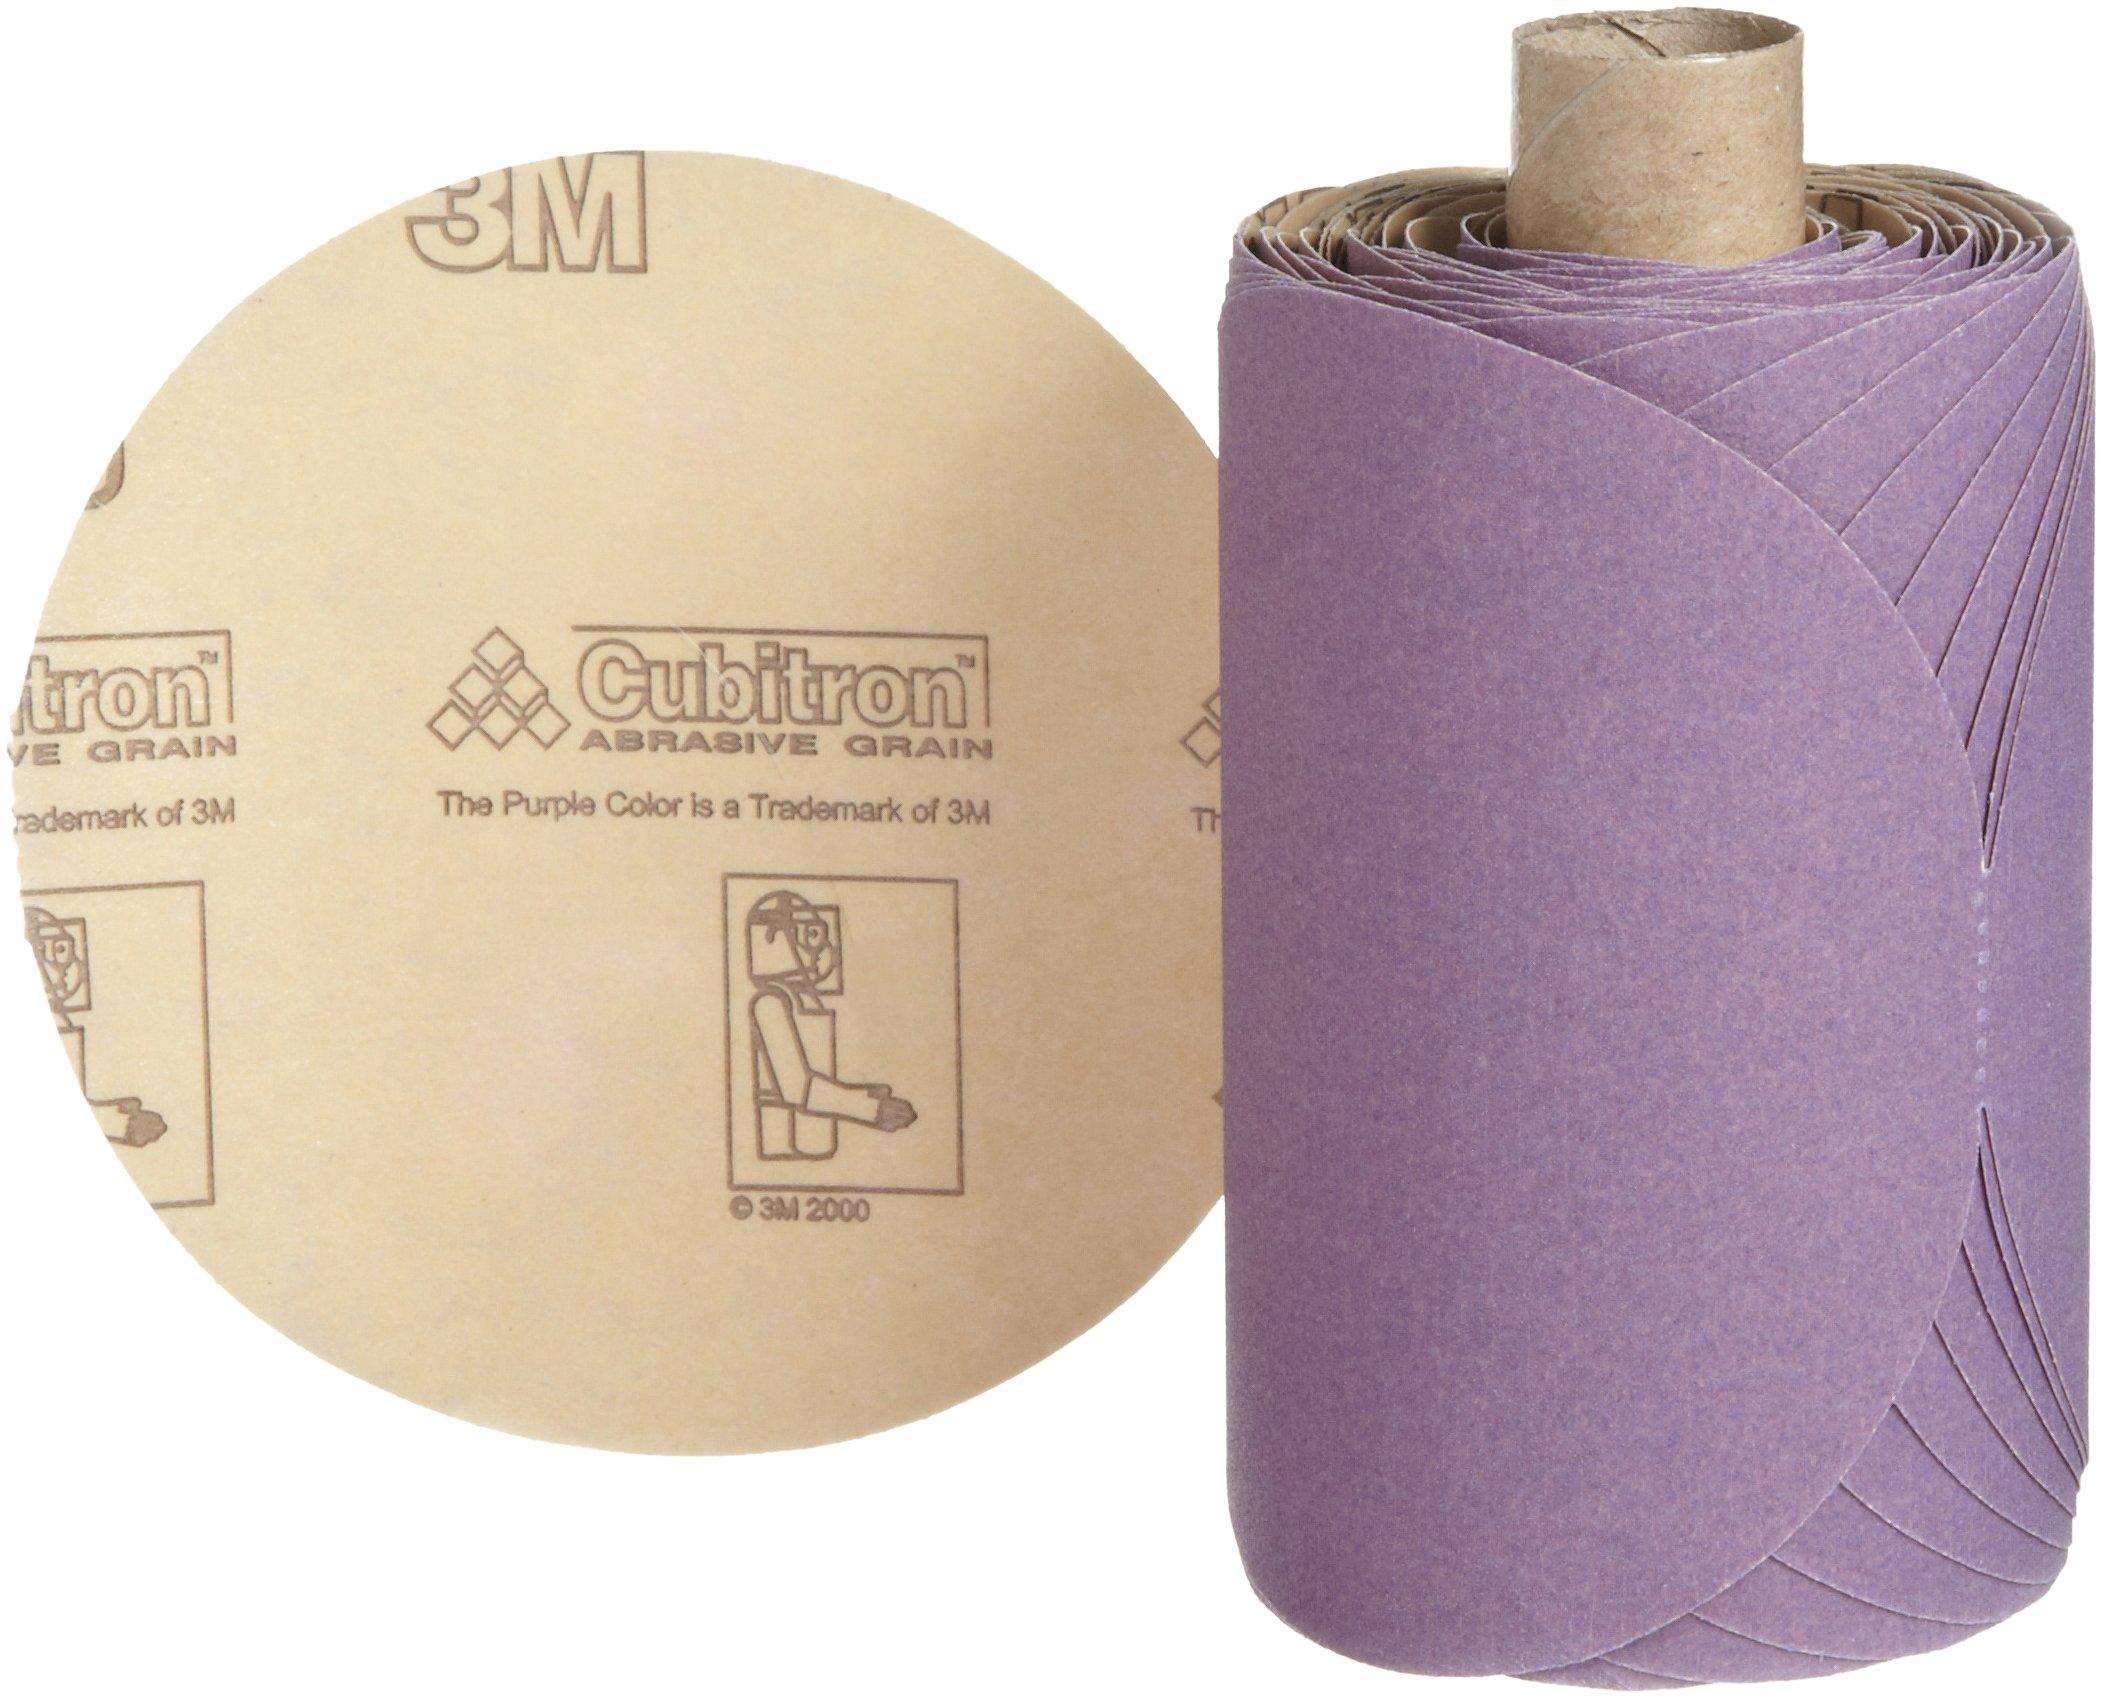 3M Stikit Paper Disc Roll 735U, P100 C-weight, 5 in x NH, Die 500X, 100 discs per roll